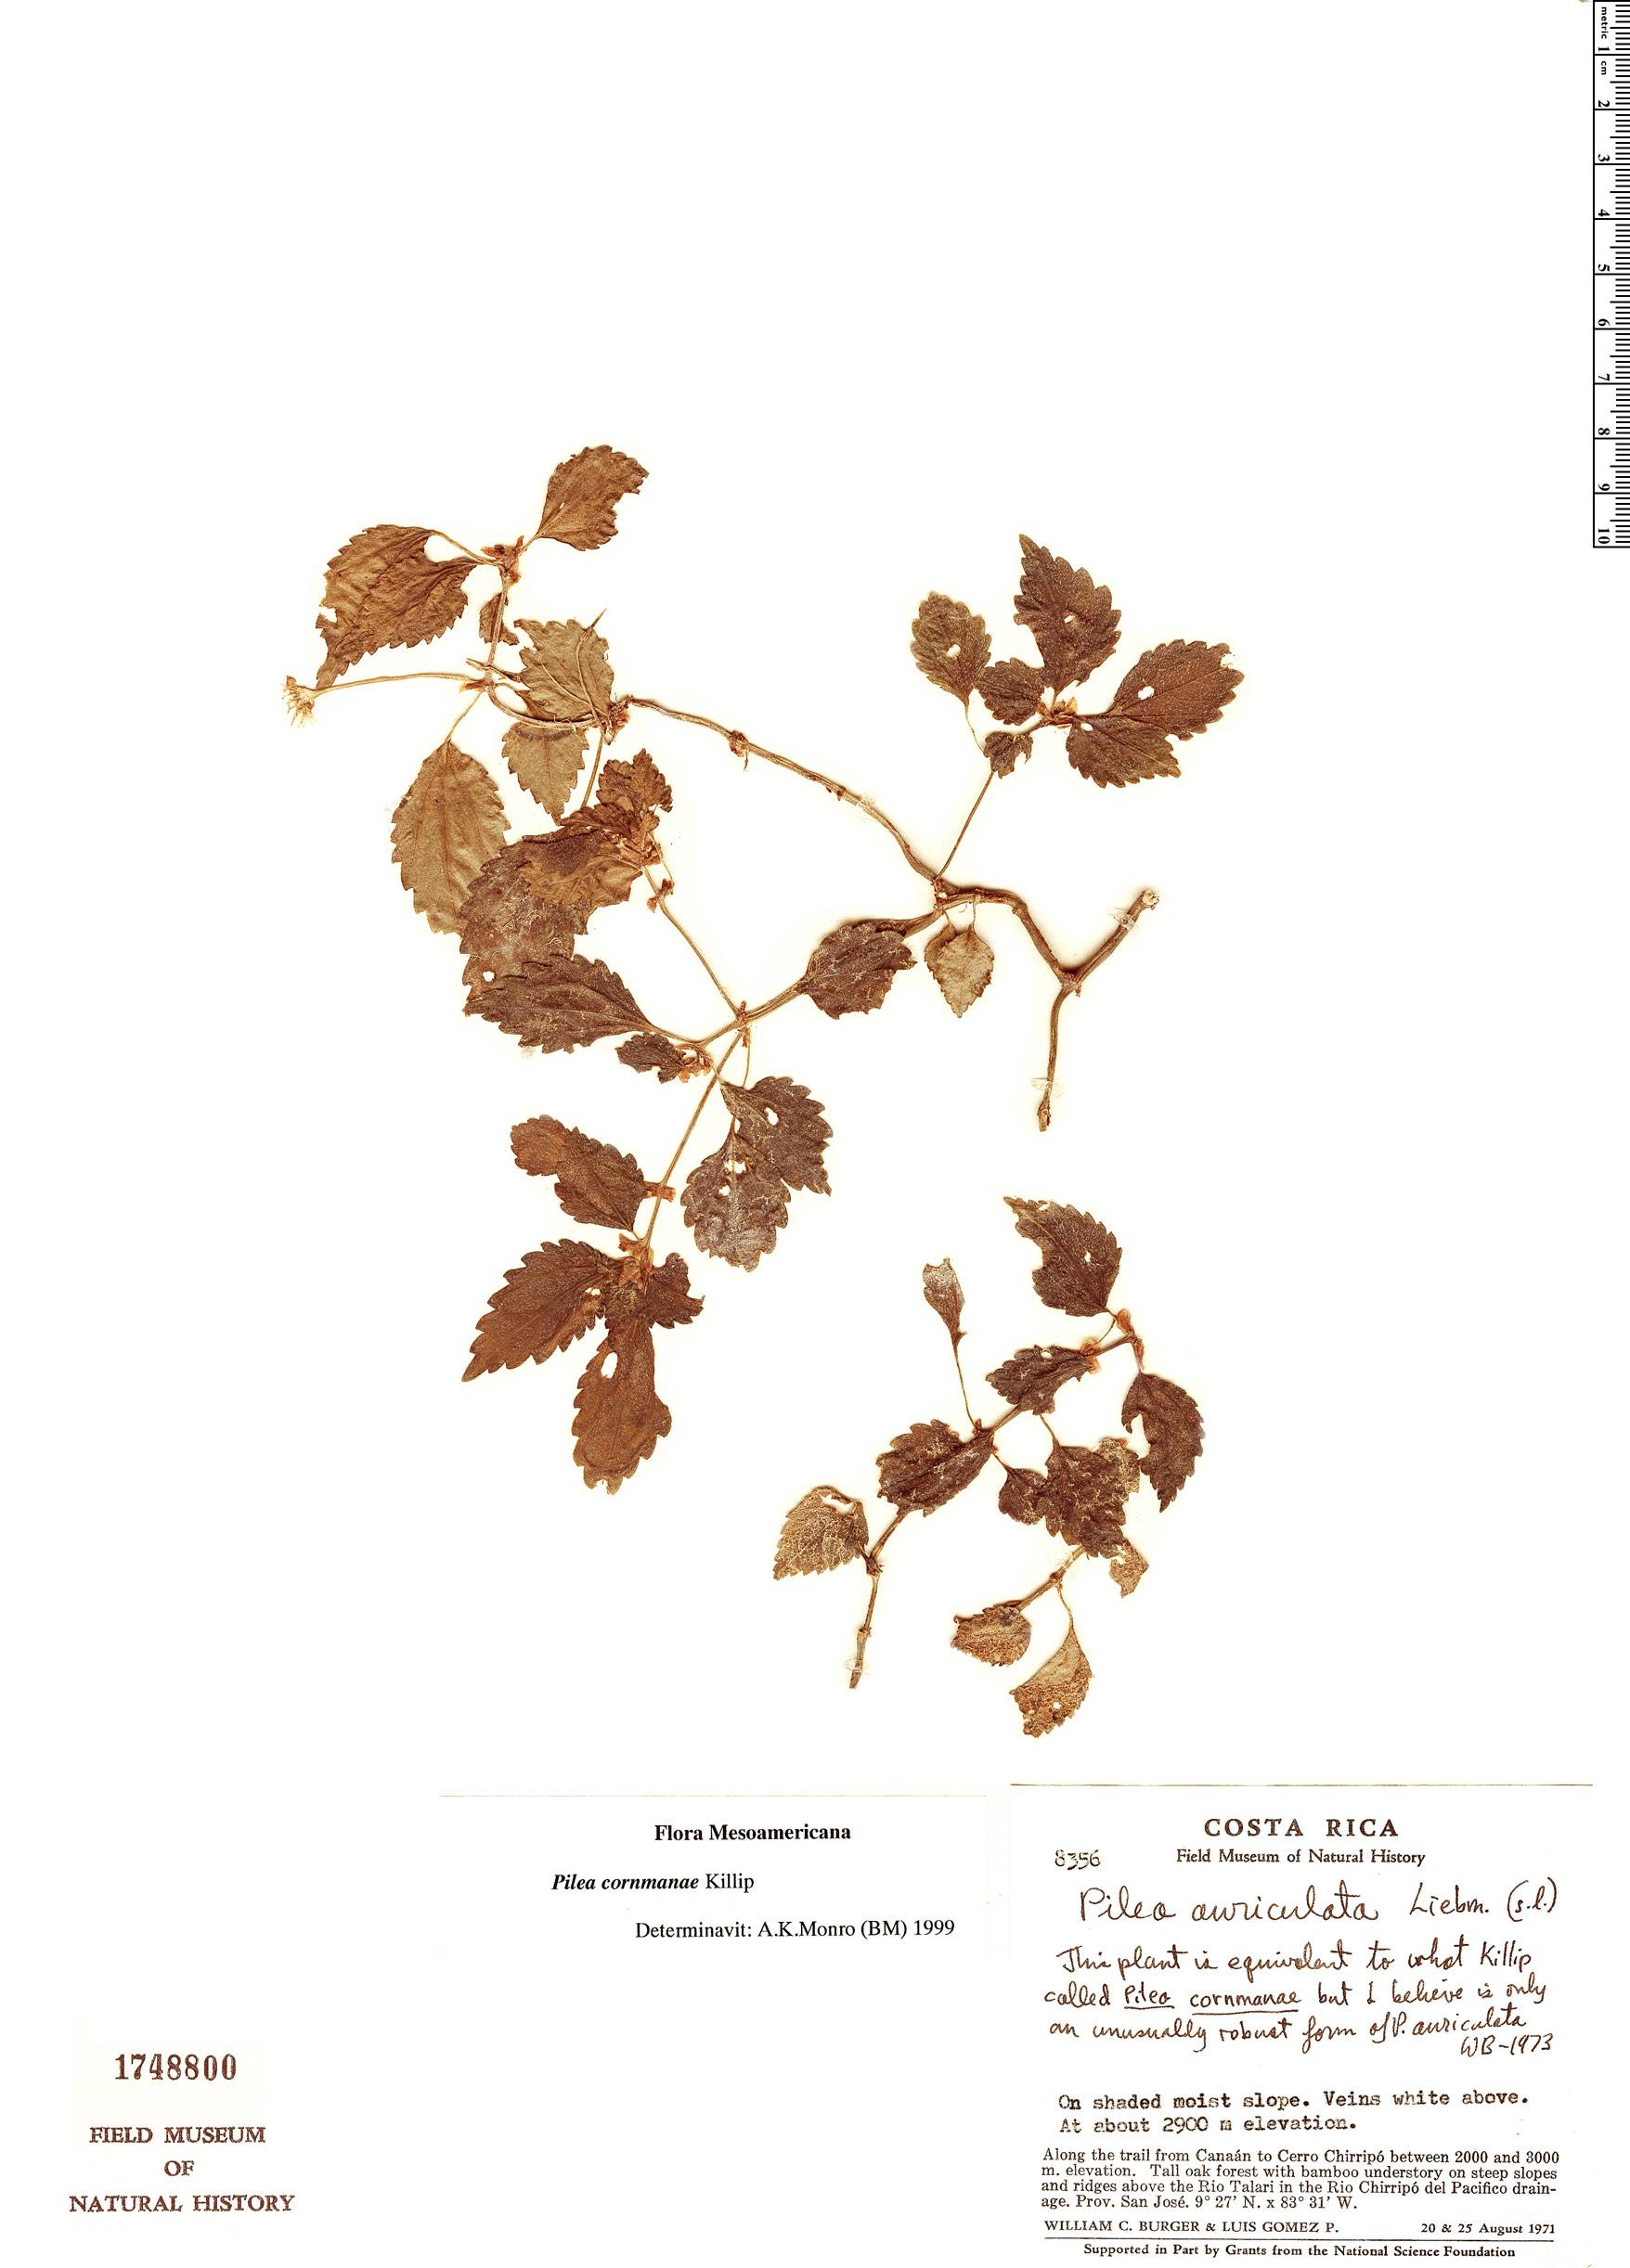 Specimen: Pilea cornmaniae